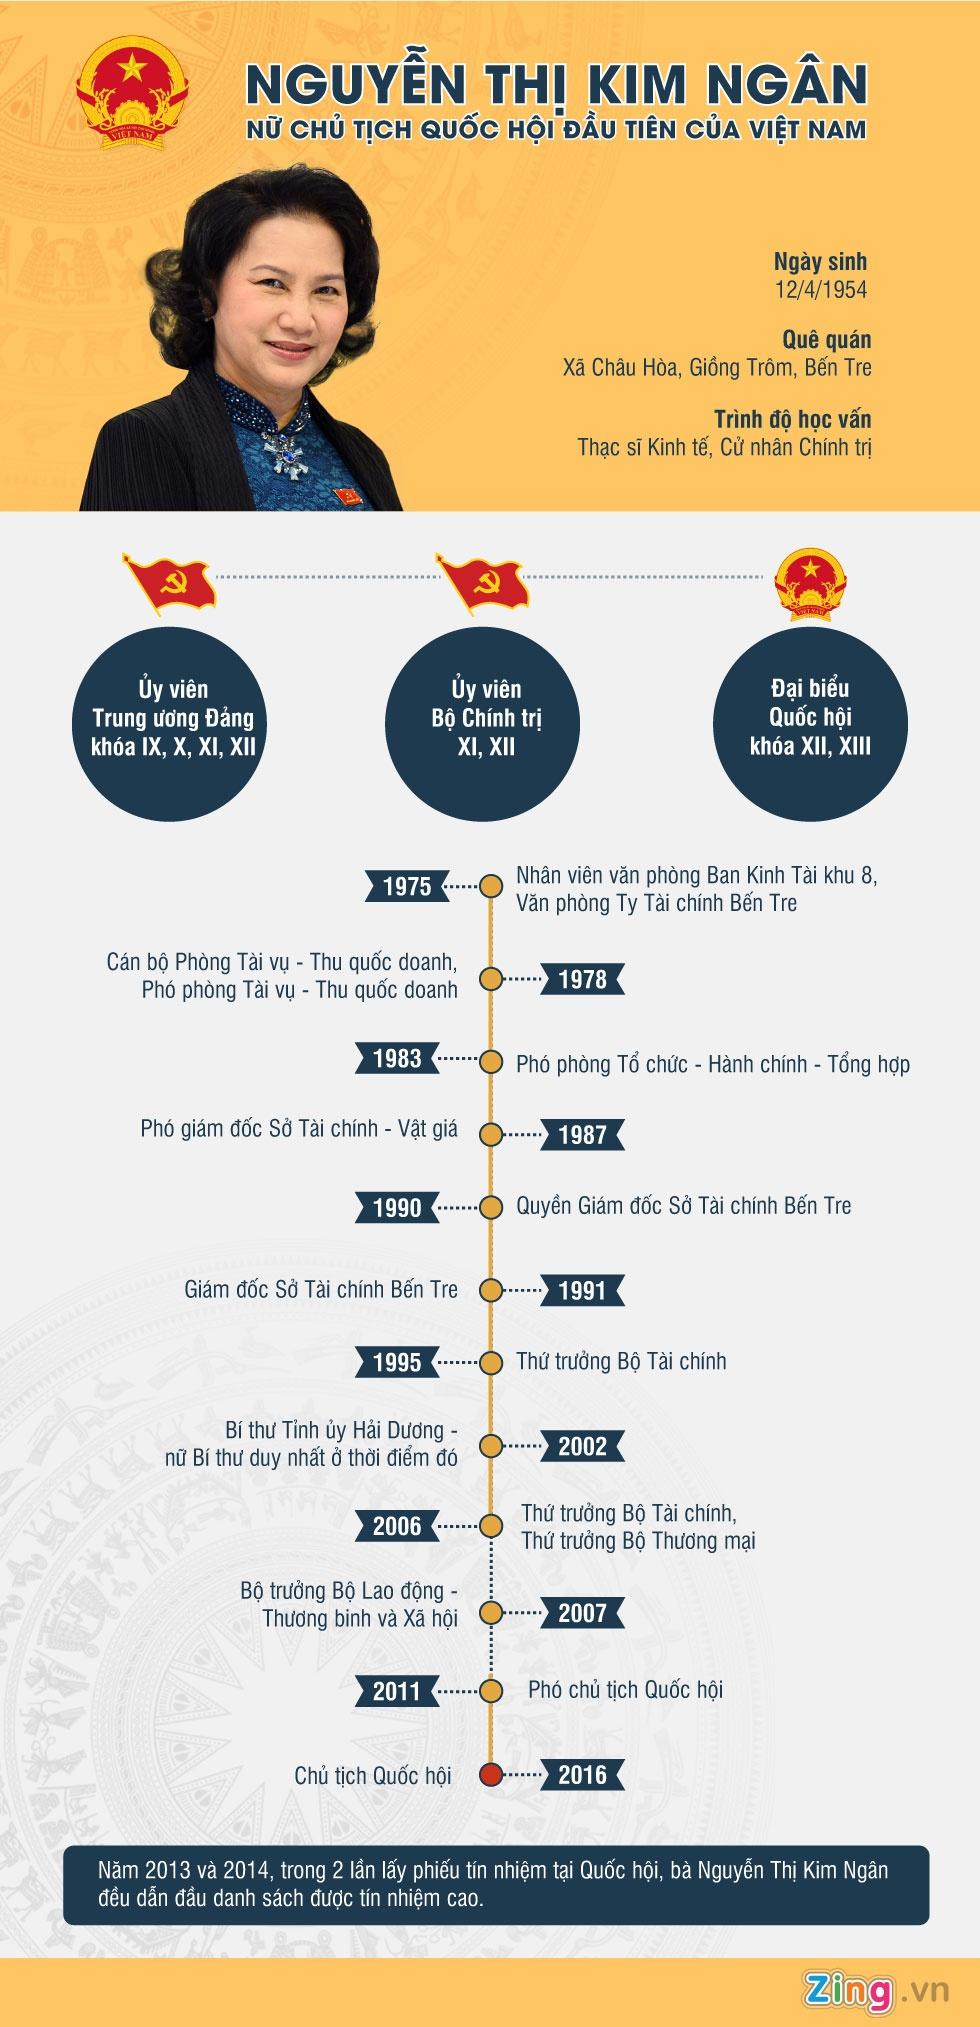 Infographic Chu tich Quoc hoi Nguyen Thi Kim Ngan hinh anh 1